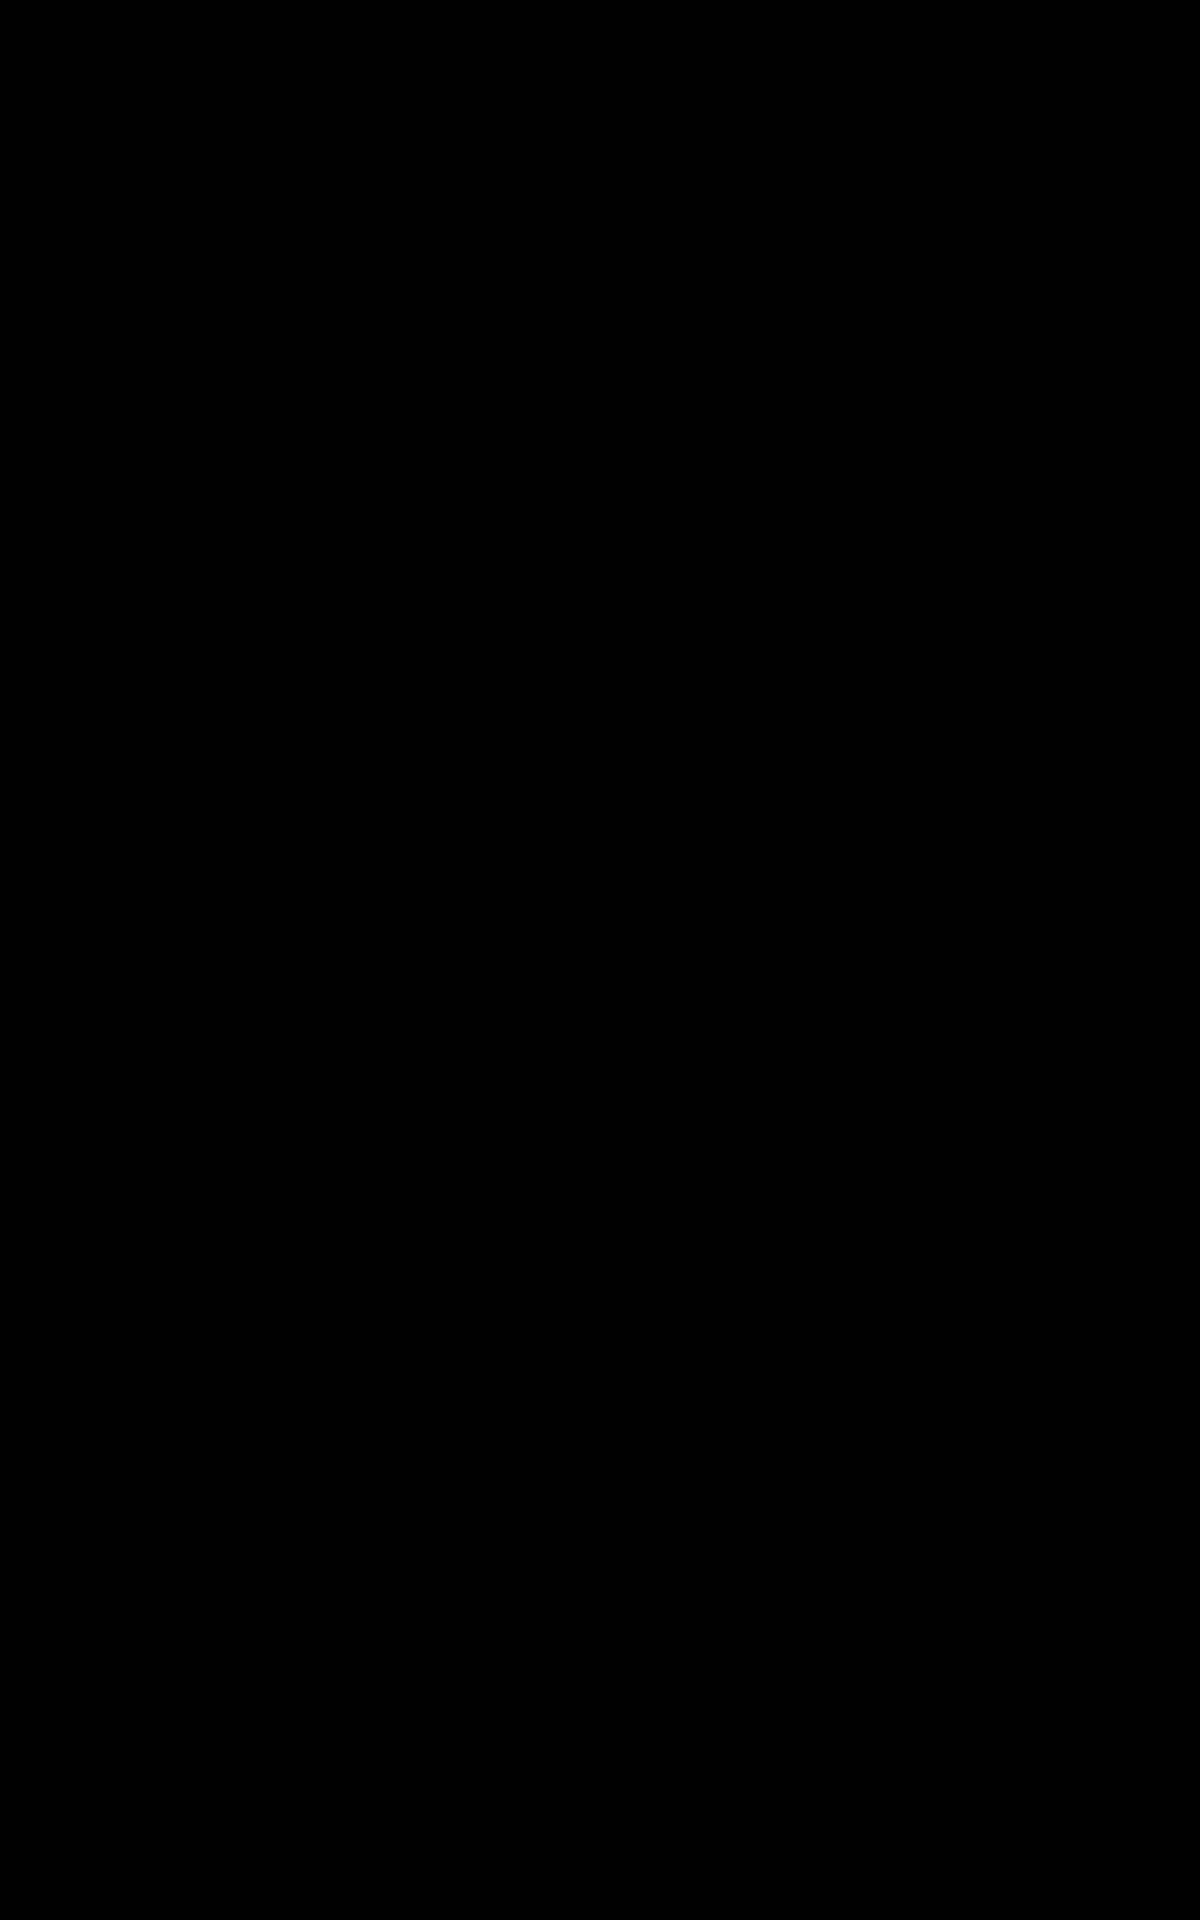 Постановка знаков препинания в различных случаях. тире